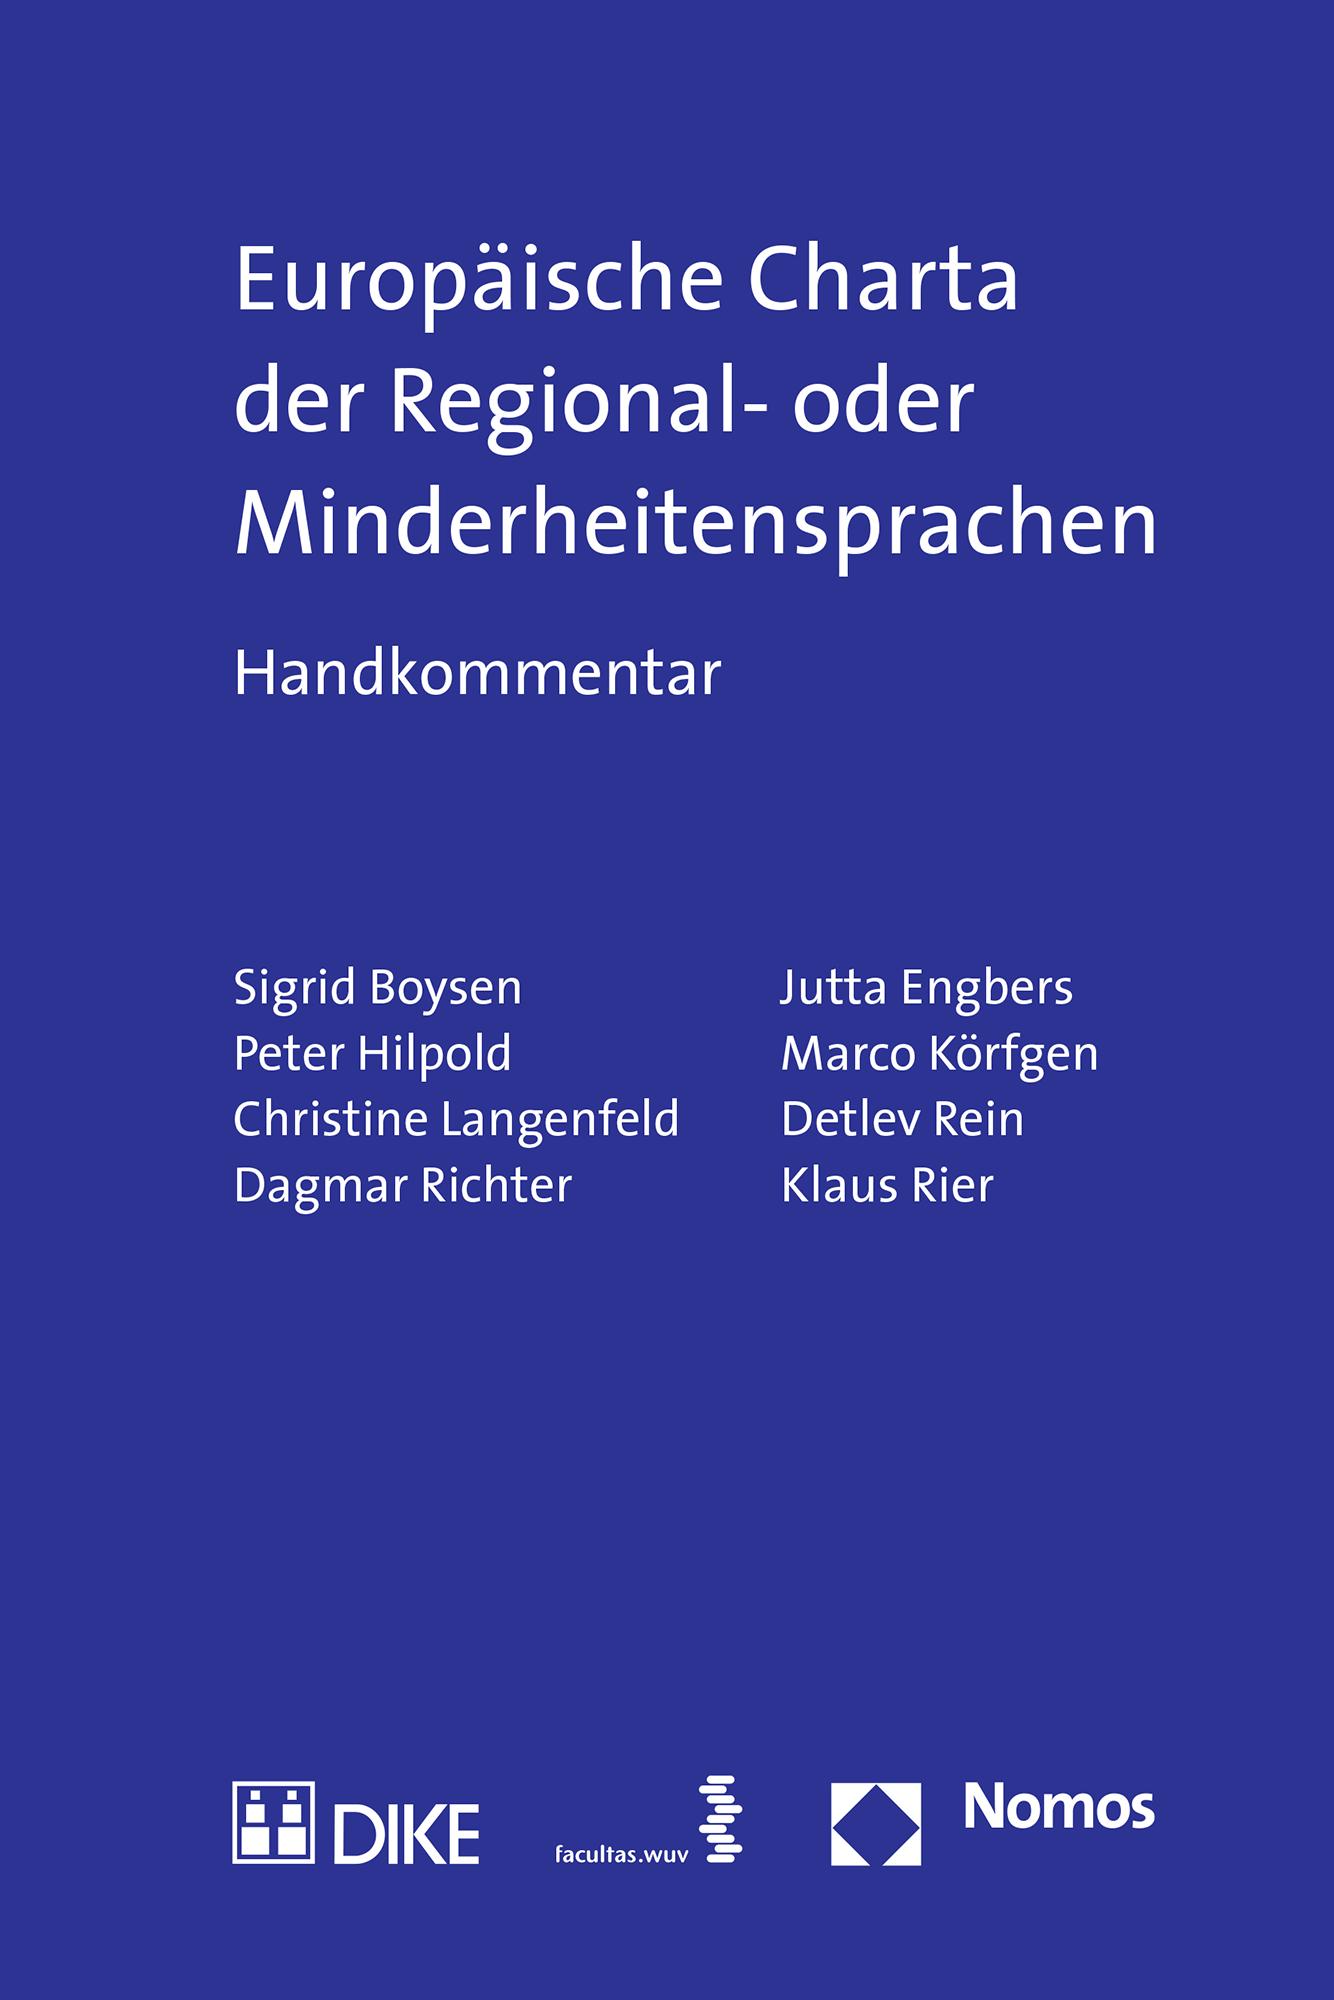 Europäische Charta der Regional- oder Minderheitensprachen